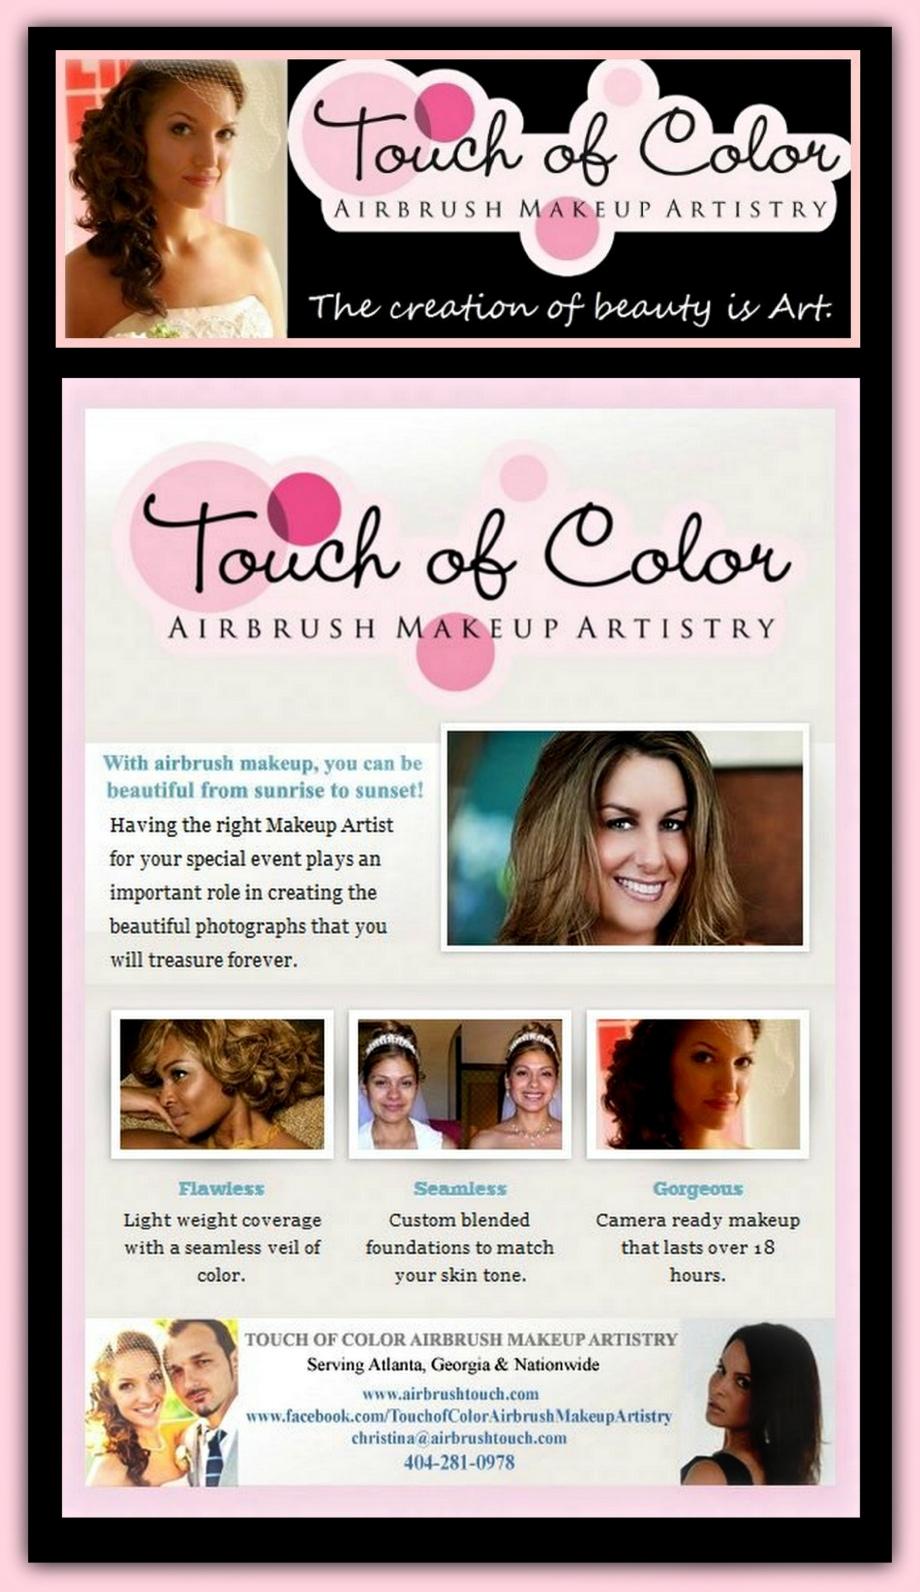 www.airbrushtouch.com